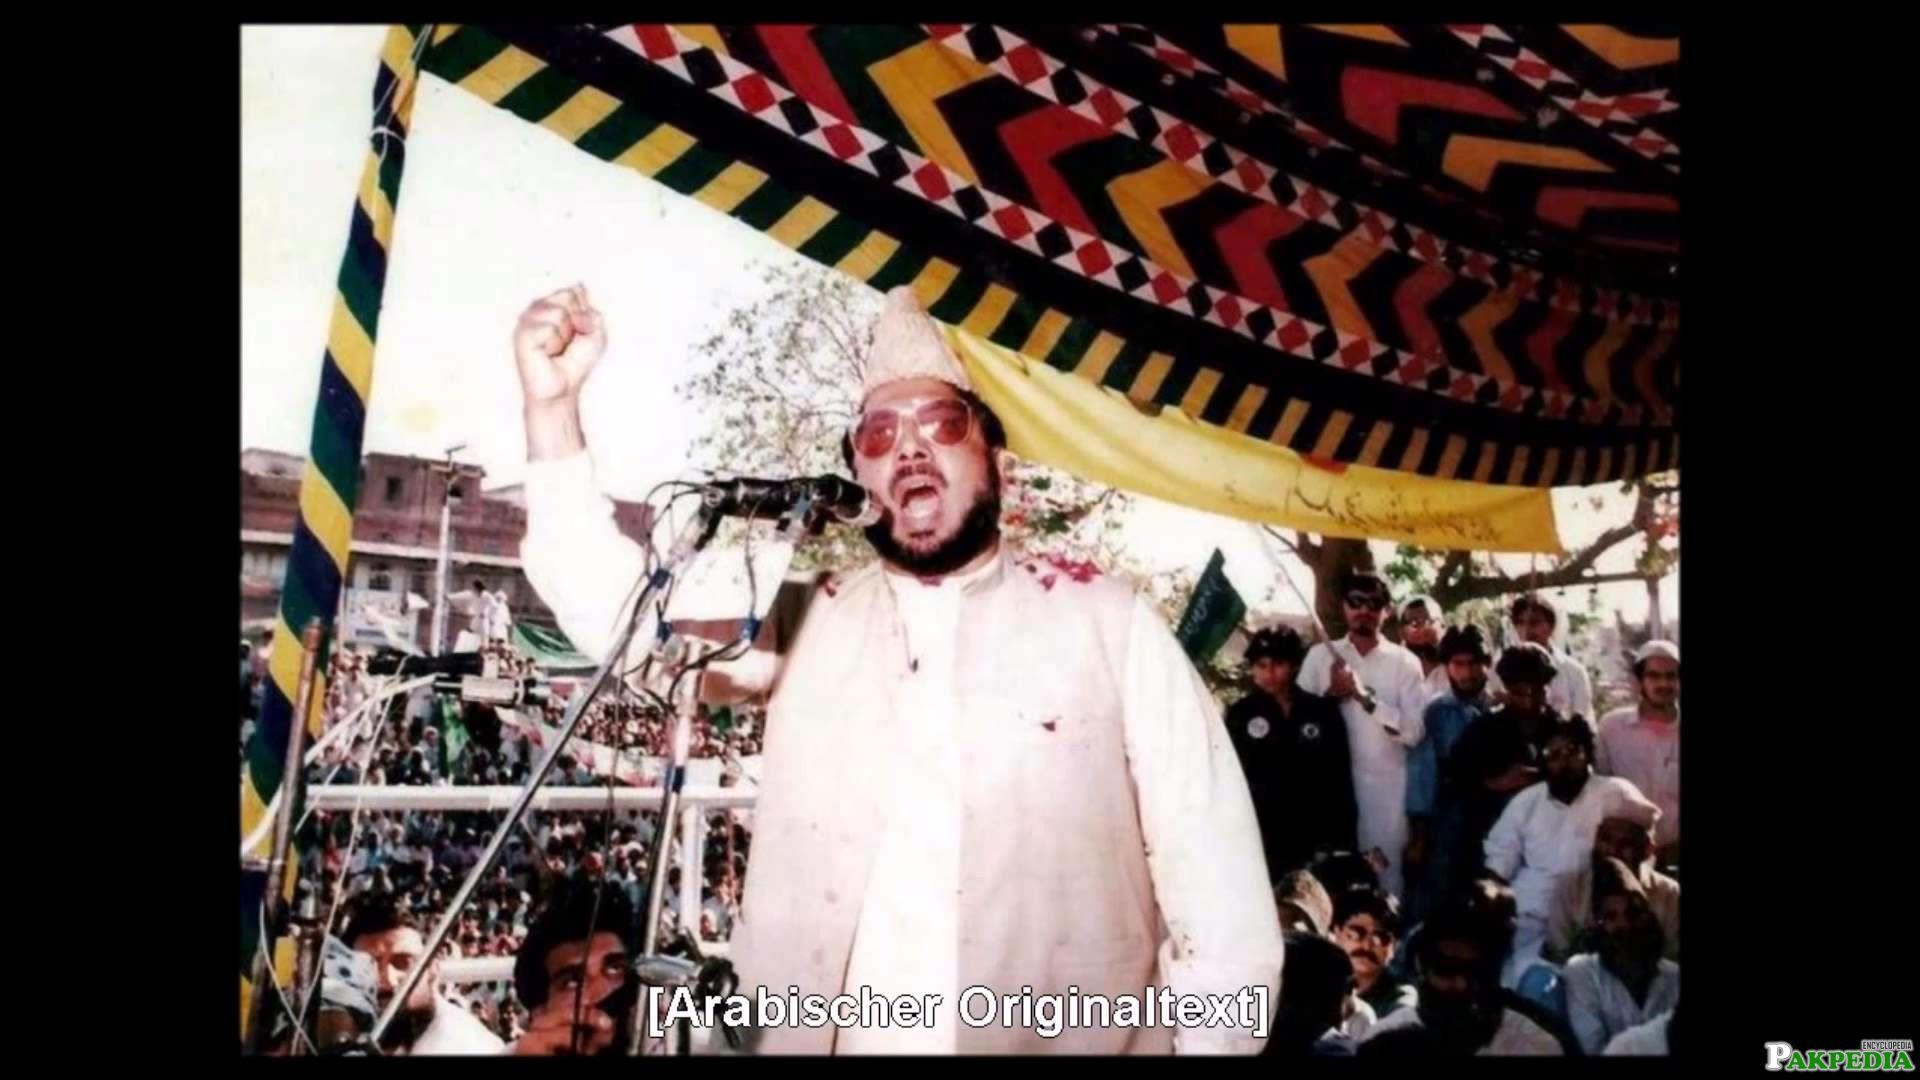 Ehsan Elahi Zaheer was born in Pakistan